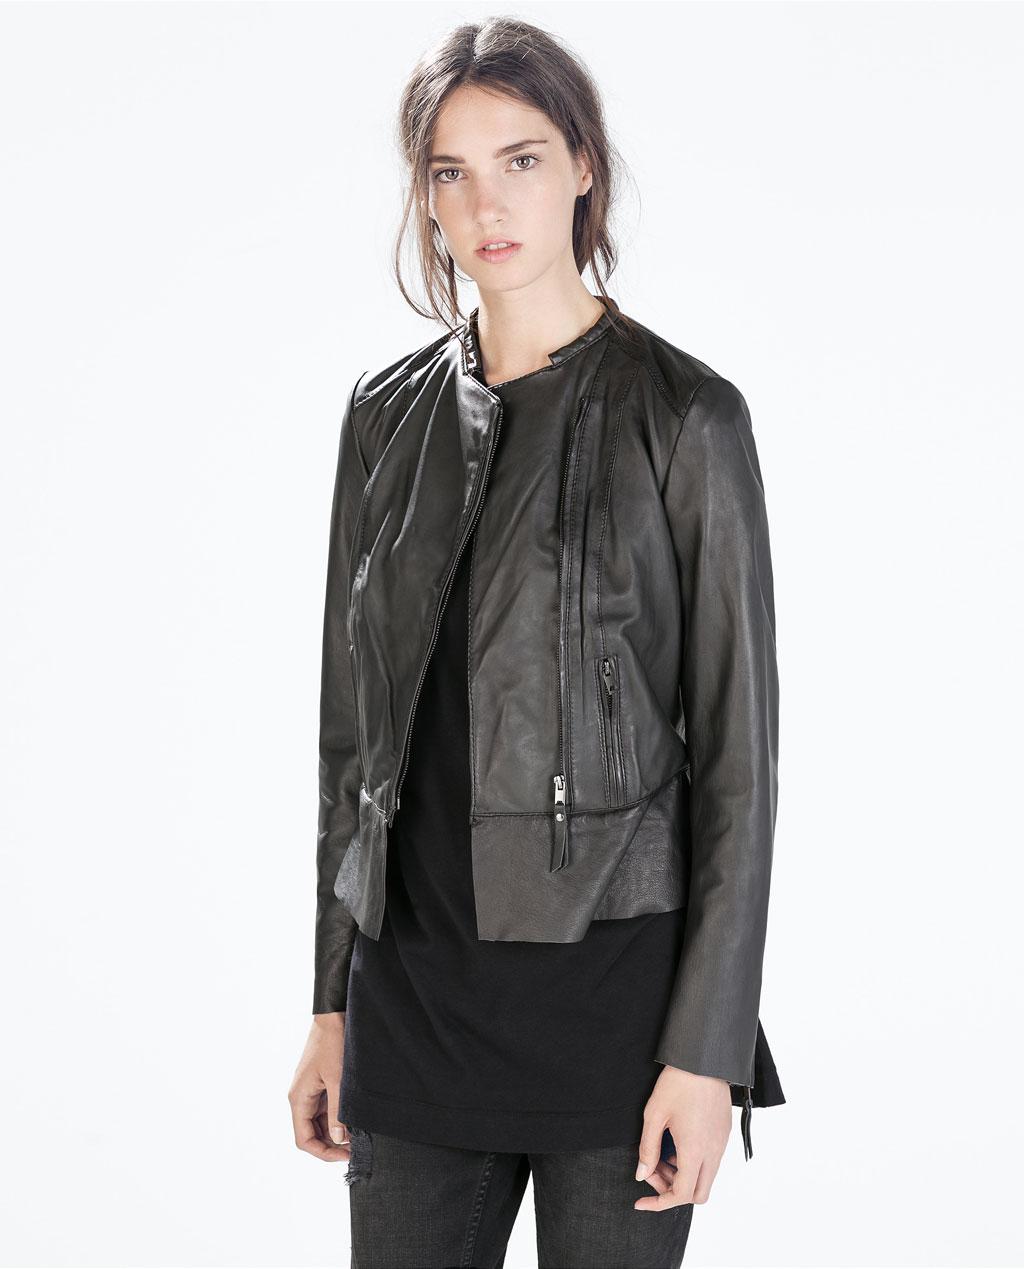 Zara  Short Leather Jacket  ($199)